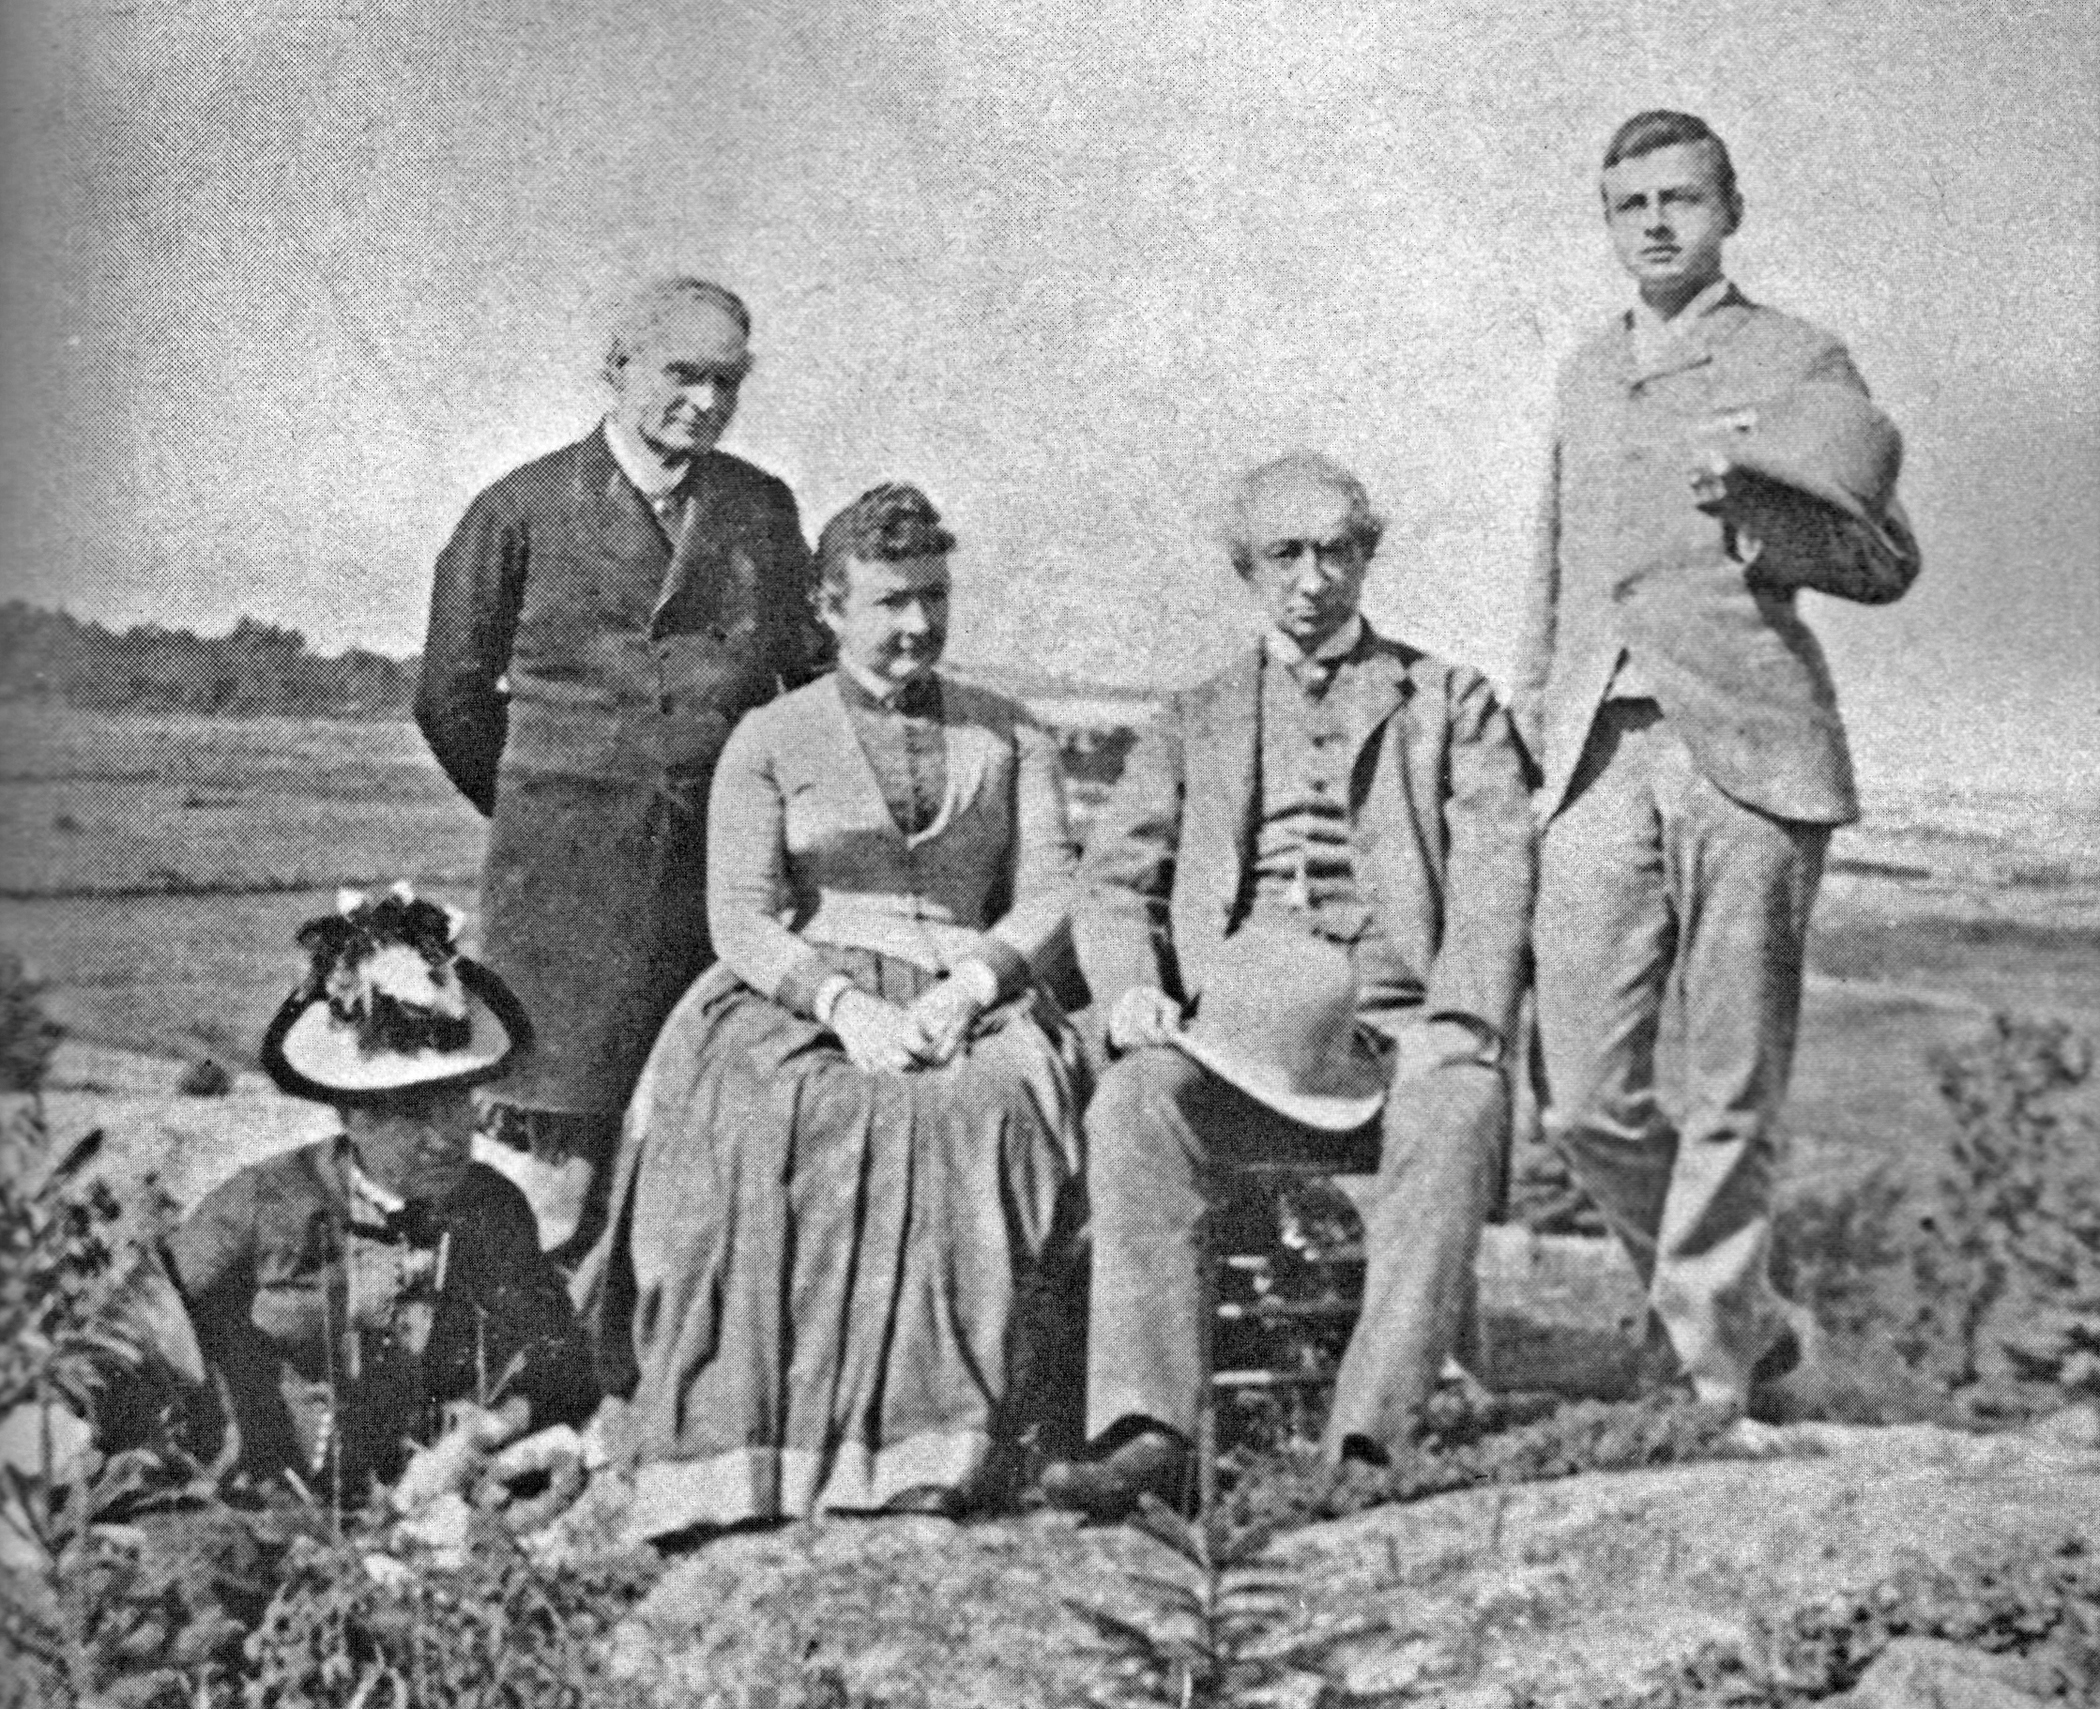 Photo granuleuse noir et blanc montrant cinq adultes (le couple Macdonald et les Tilleys) en positions debout et assise sur un sol rocheux, posant devant le fleuve St-Laurent en arrière-plan.